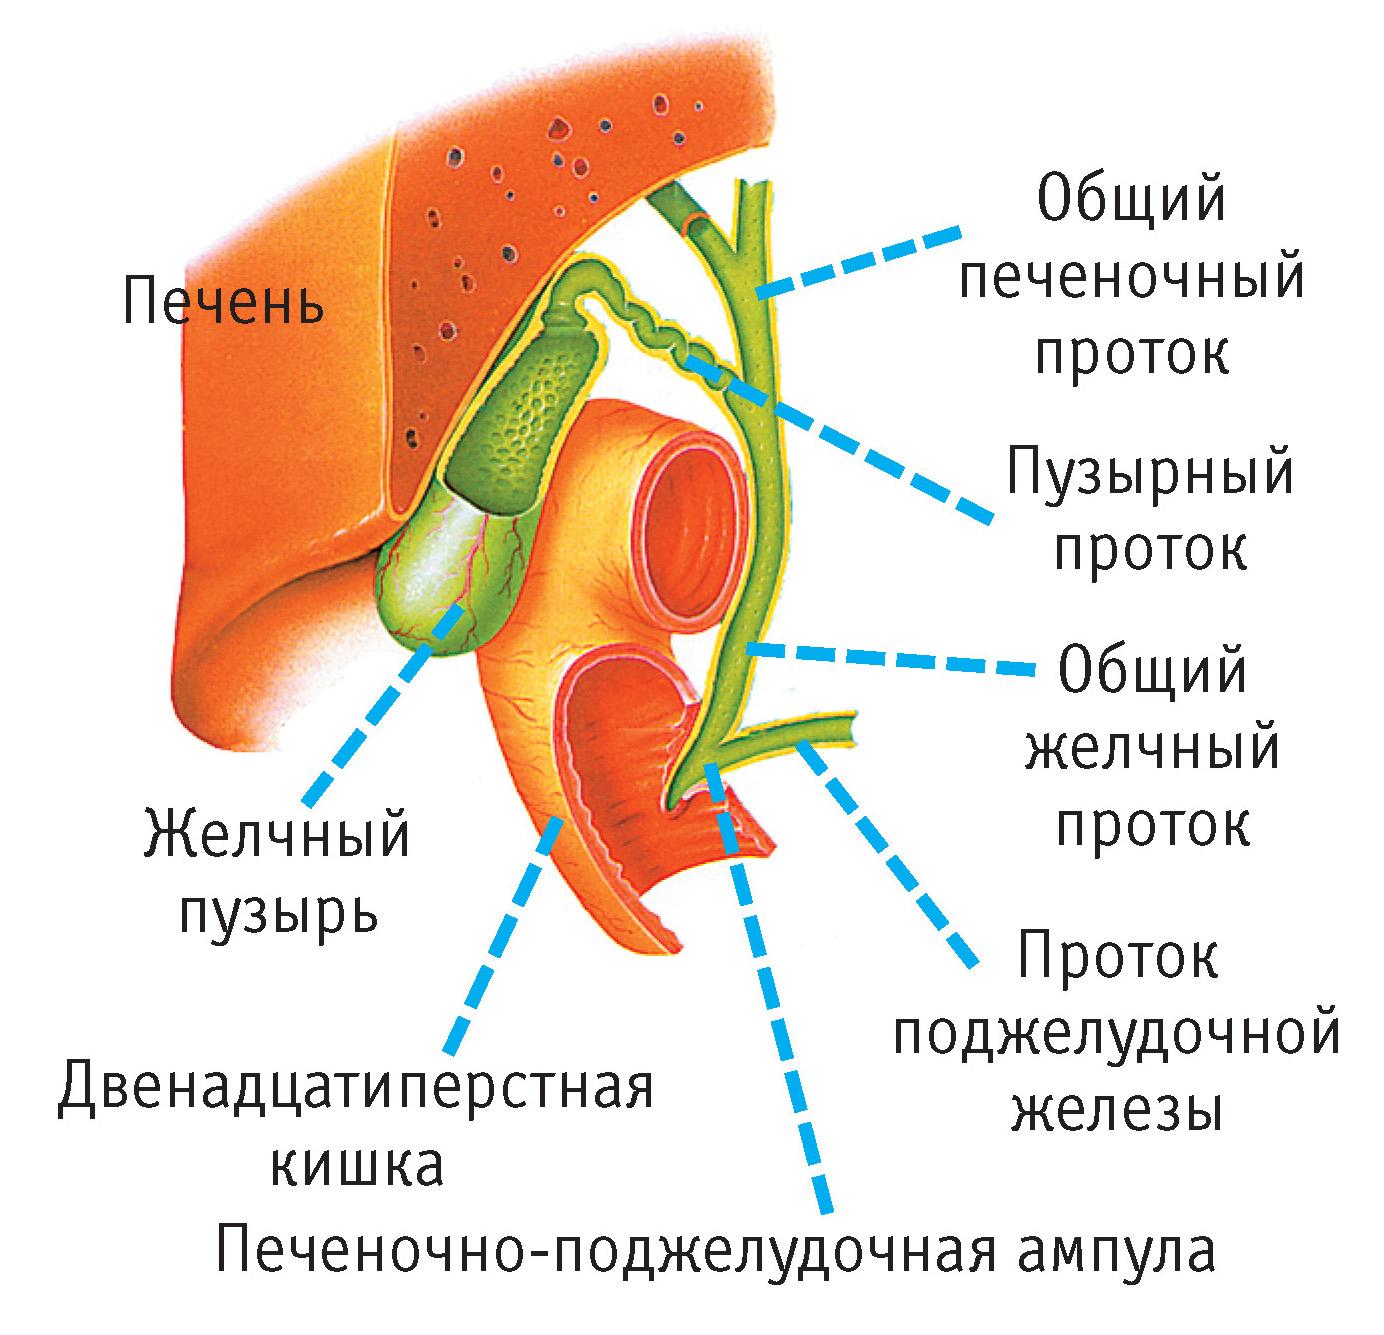 Заболевания печени и желчных путей